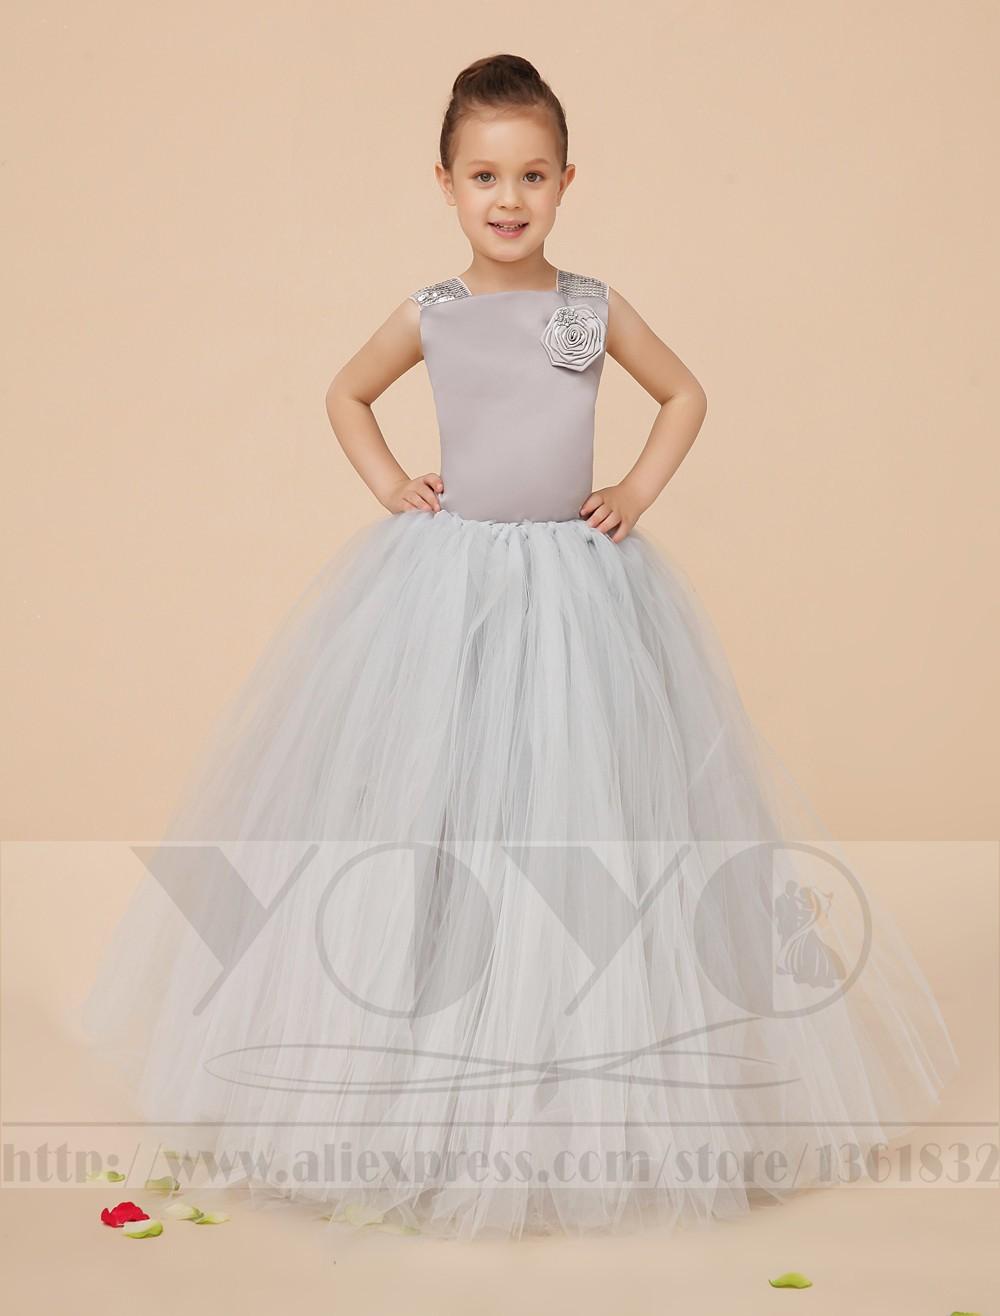 Скидки на Серебро Бальное платье Тюль little girls платья Девушки Pageant Платья с аппликации дети вечернее платье вечернее платье бесплатная доставка